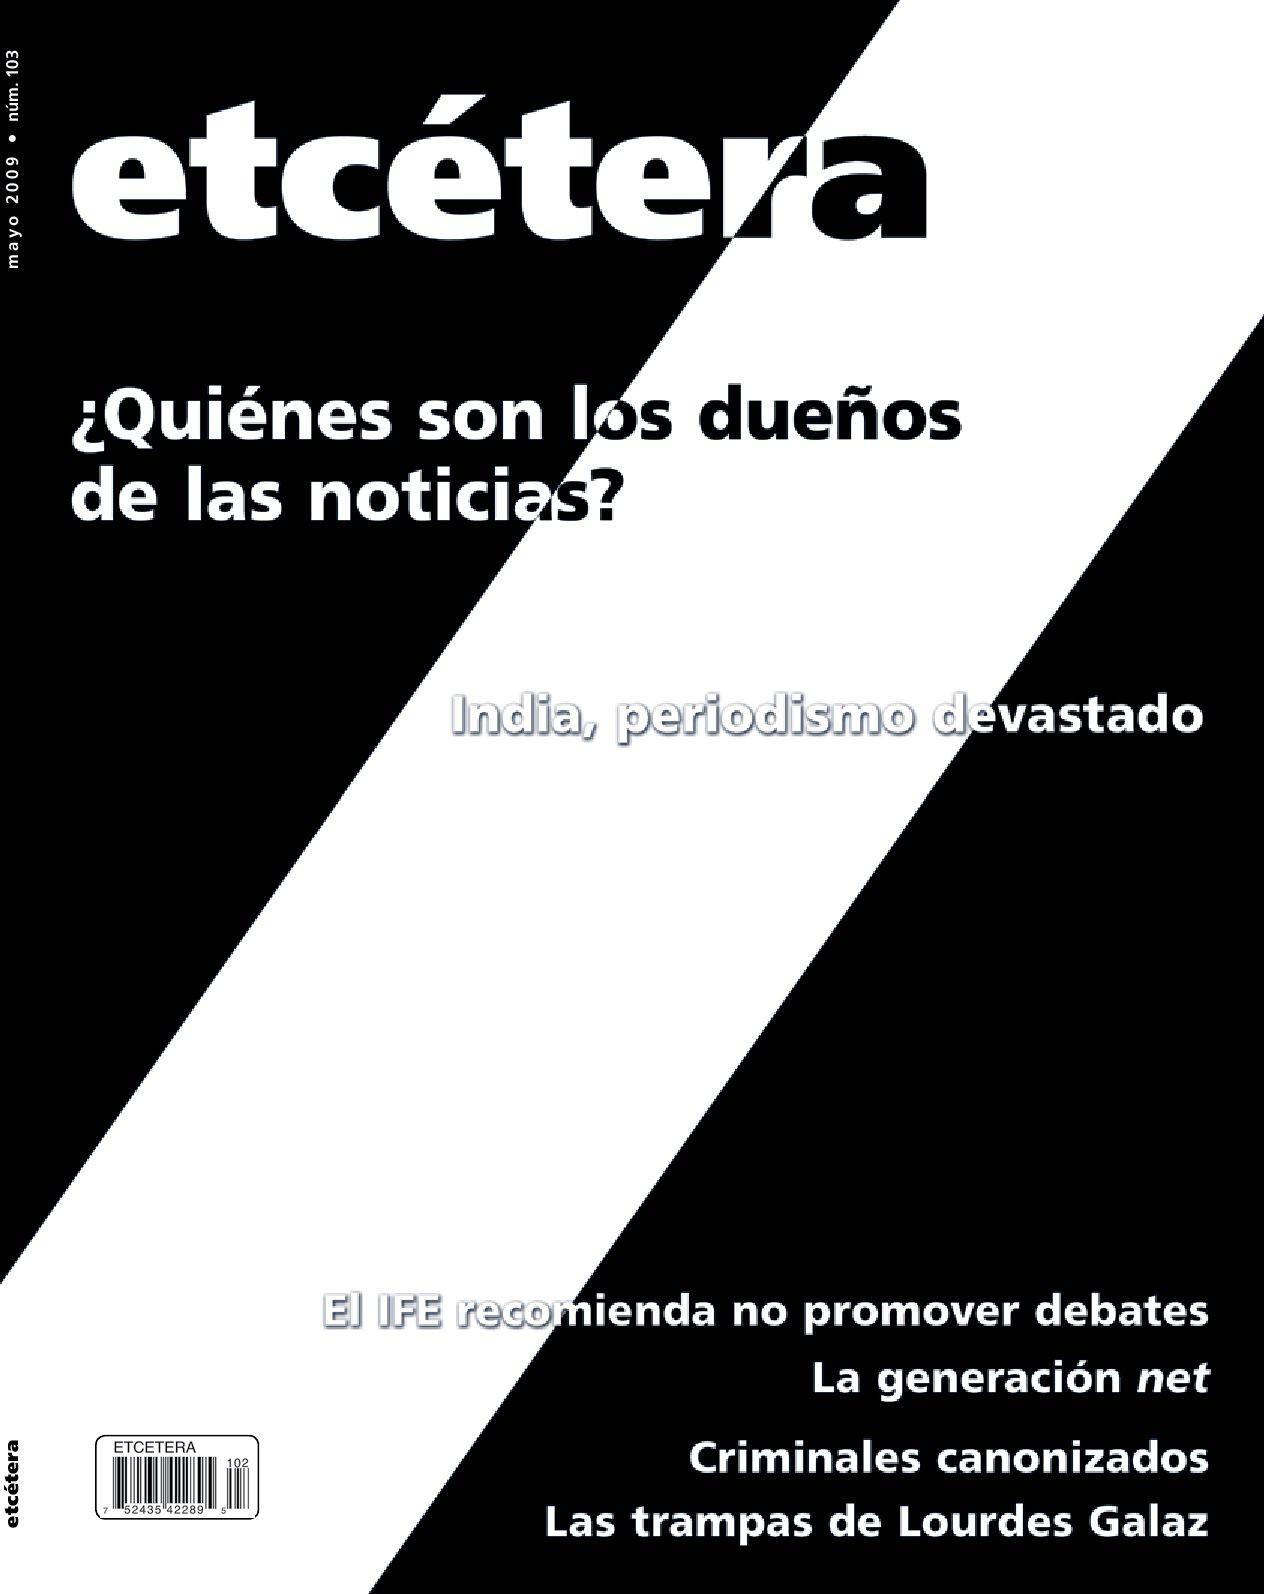 Calendario 2019 Con Semanas Numeradas Esperanza Más Reciente Etcetera Abril 2009 No 102 by Manuel Martinez ortiz issuu